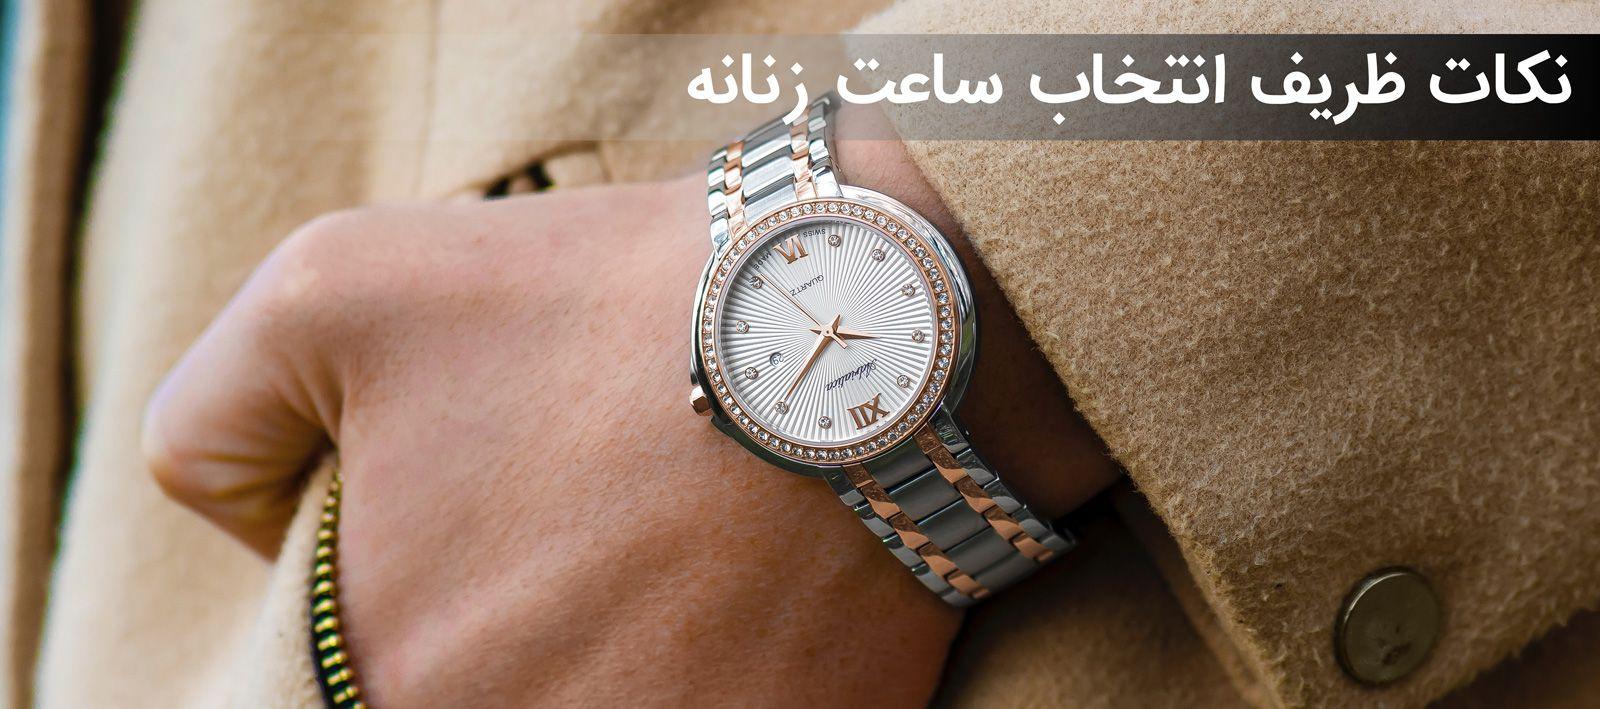 نکات خرید ساعت زنانه که باید بدانید + معرفی برند محبوب ساعت های زنانه